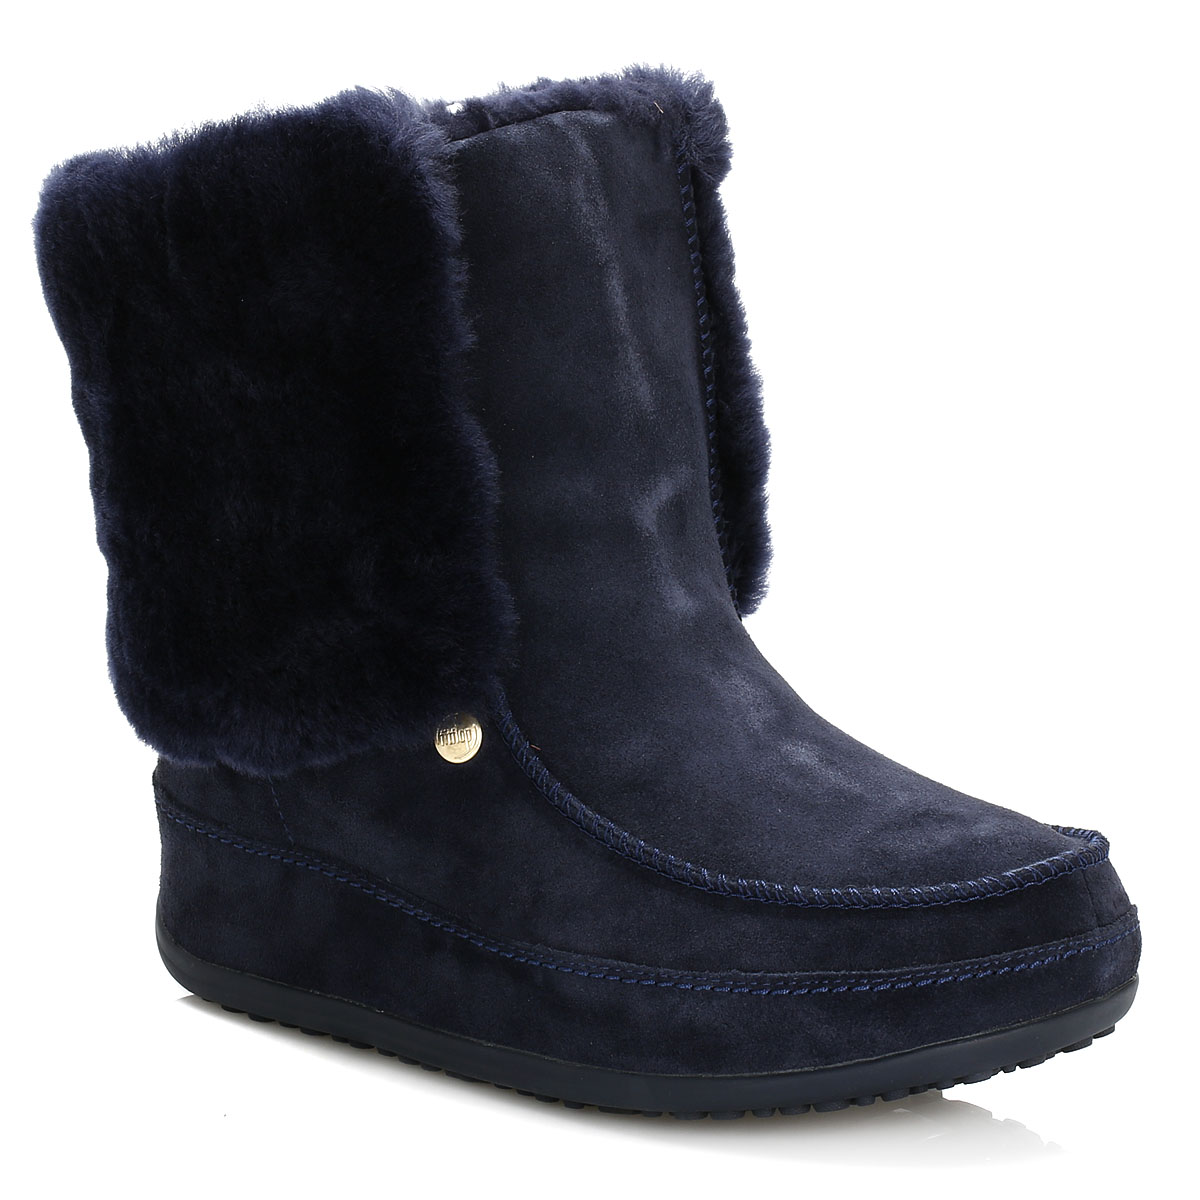 FitFlop Women Boots Navy Blue Supercuff Mukluk Suede